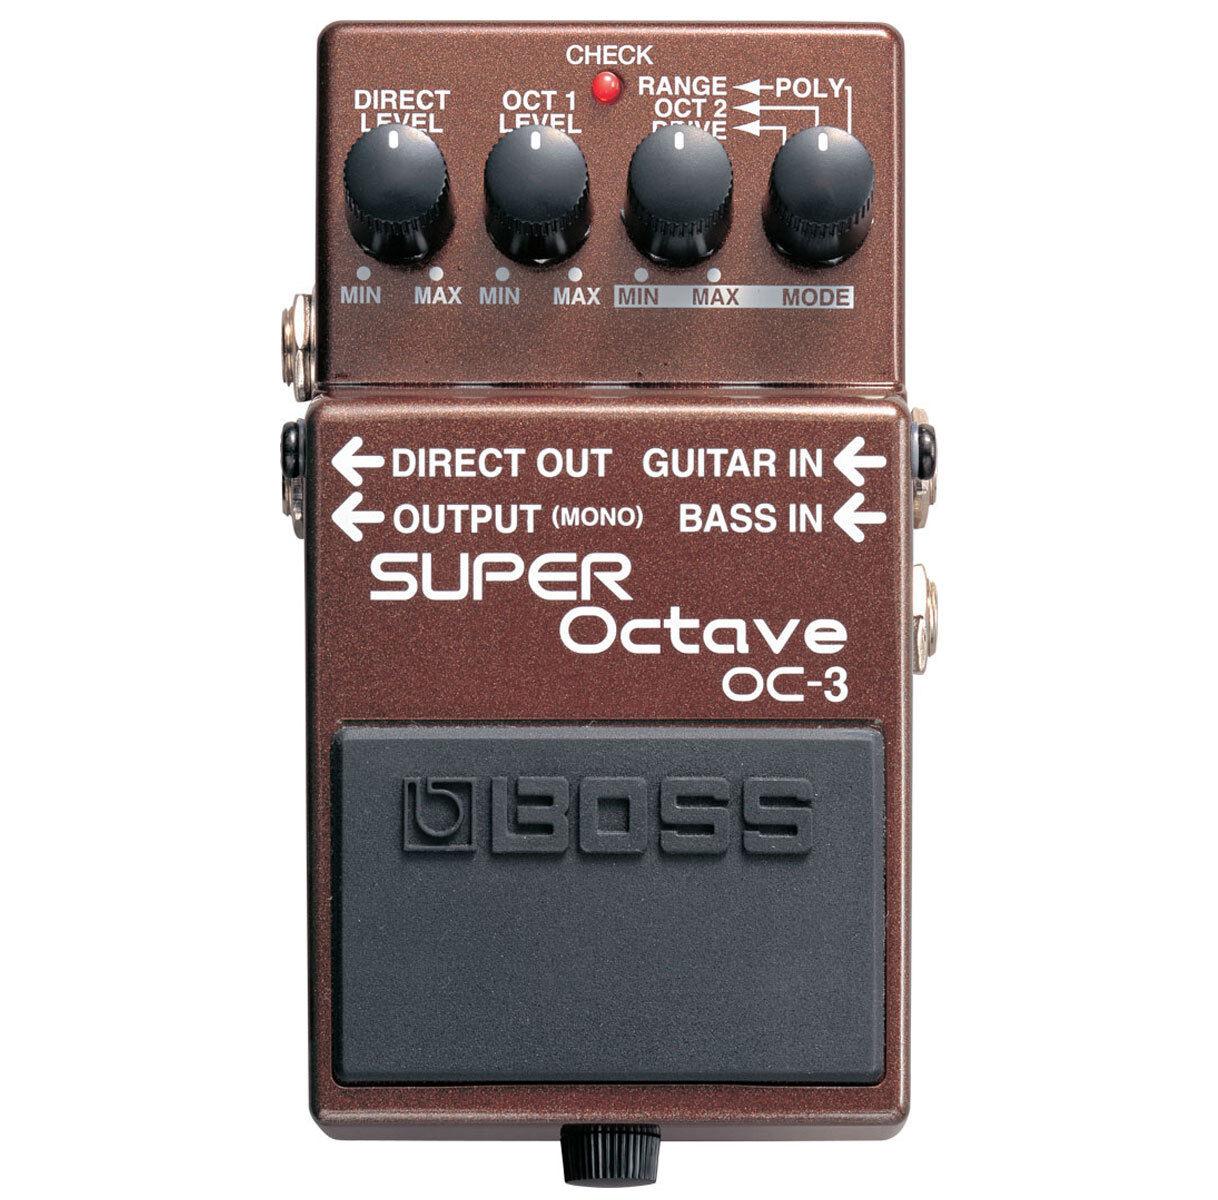 Unidad de efectos de octava octava octava Boss OC-3 Super  increíbles descuentos